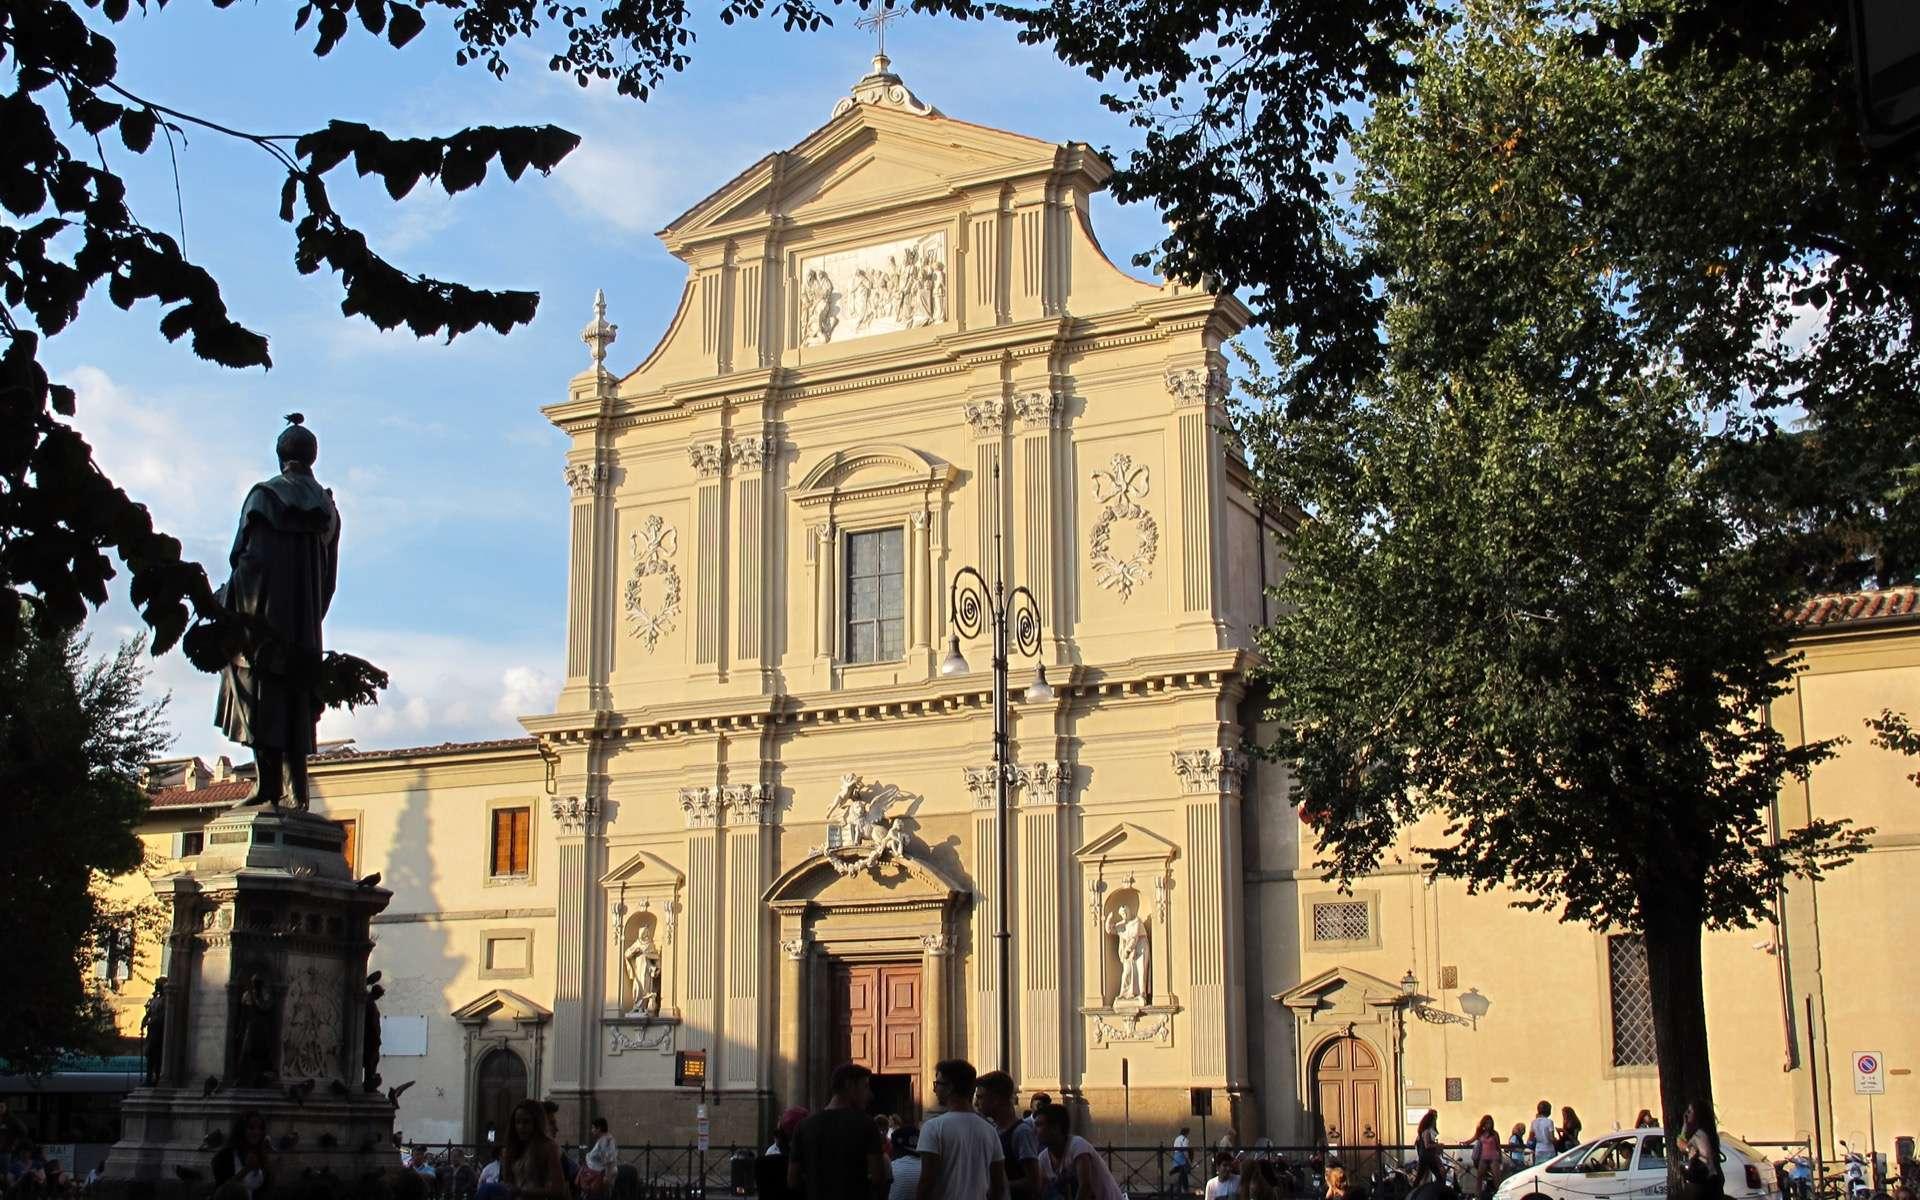 Le couvent est la partie muséale de cet ensemble de bâtiments religieux situé sur la place San Marco, à Florence. © Sailko, Creative Commons, by-sa 3.0